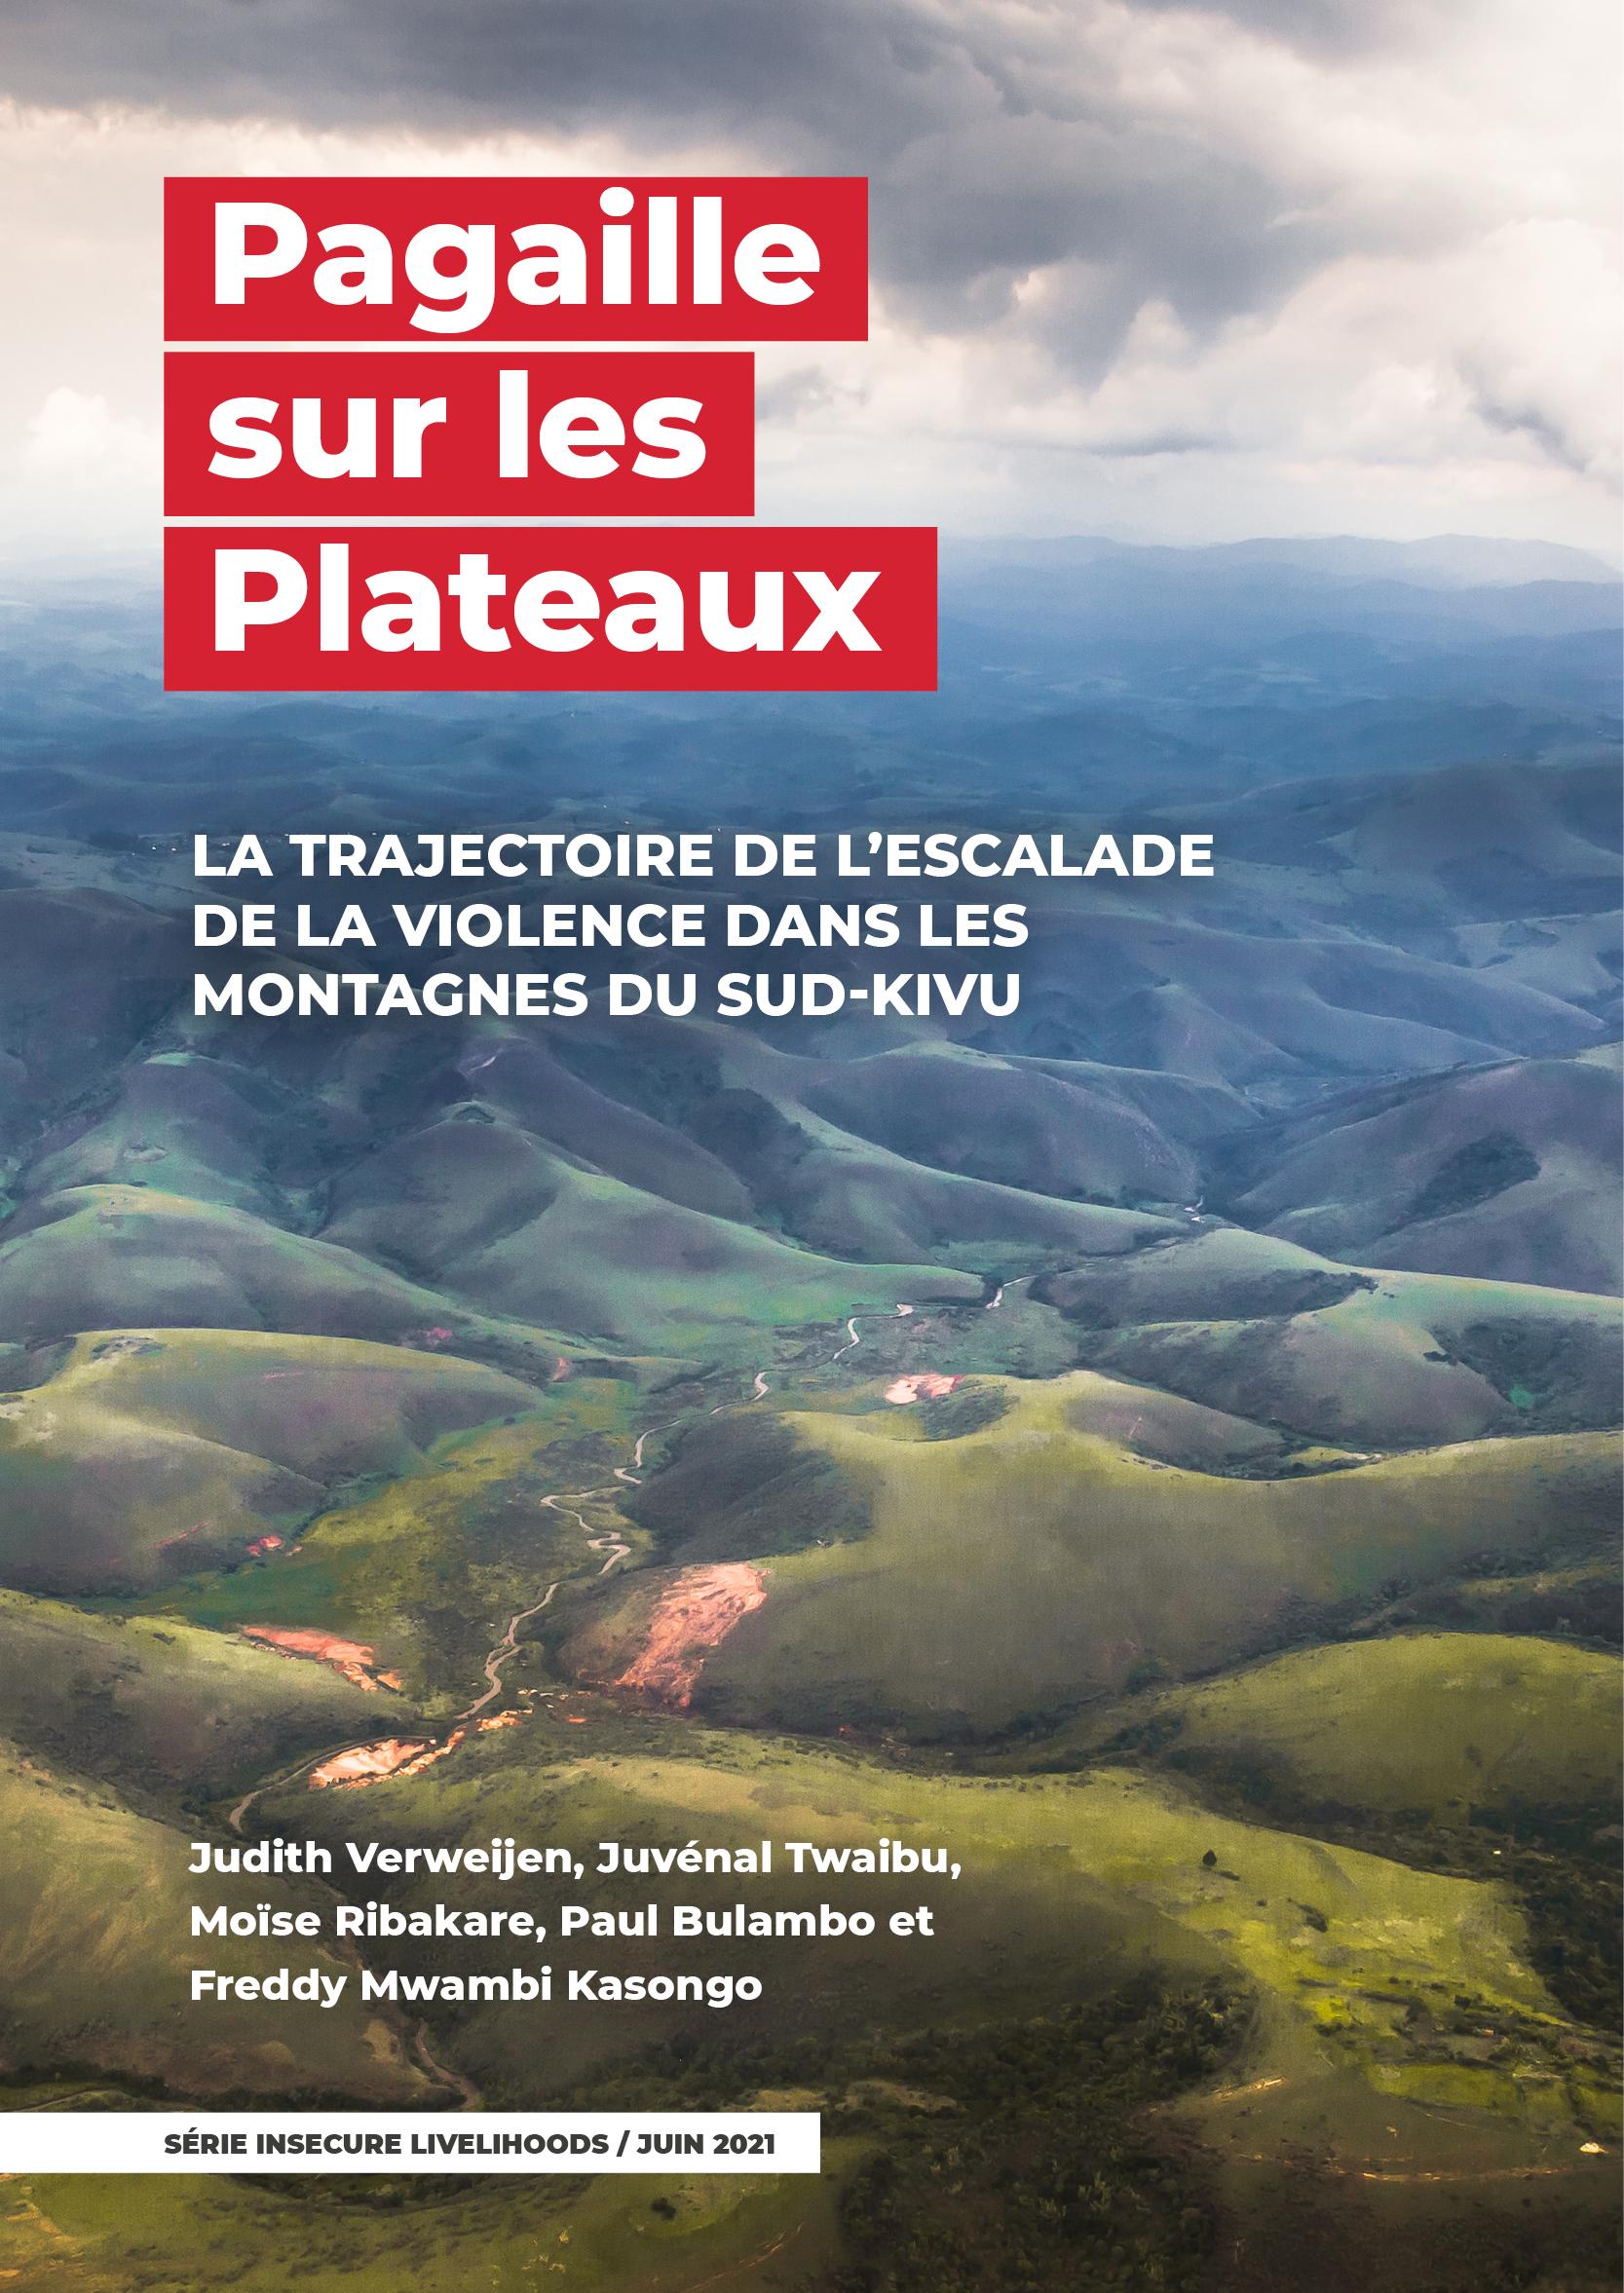 05_GIC_Pagaille sur les Plateaux_4